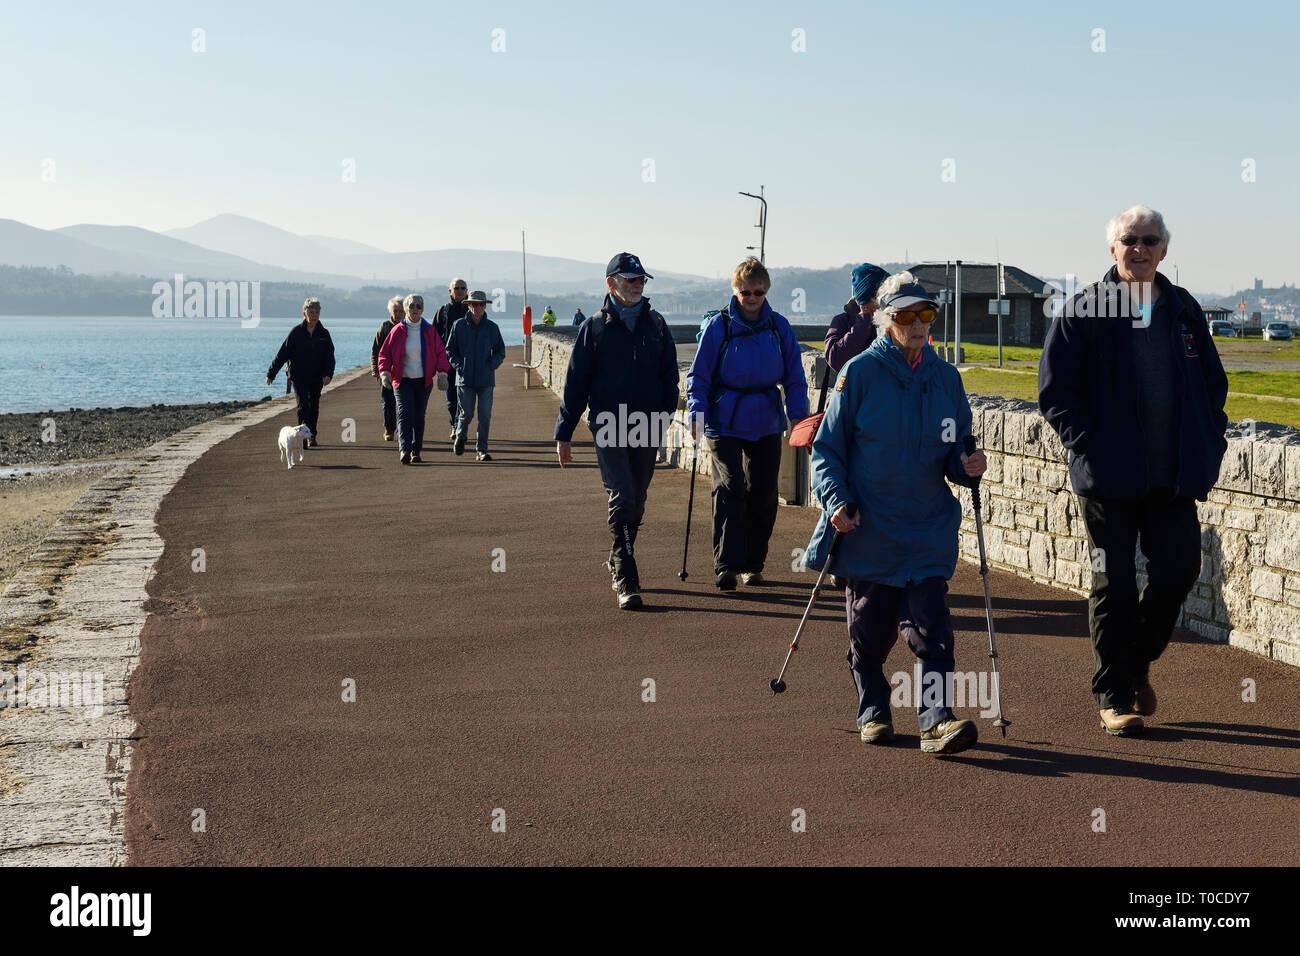 La gente caminando por el paseo marítimo en el centro de la ciudad de Beaumaris, Anglesey, Norte de Gales, Reino Unido Foto de stock